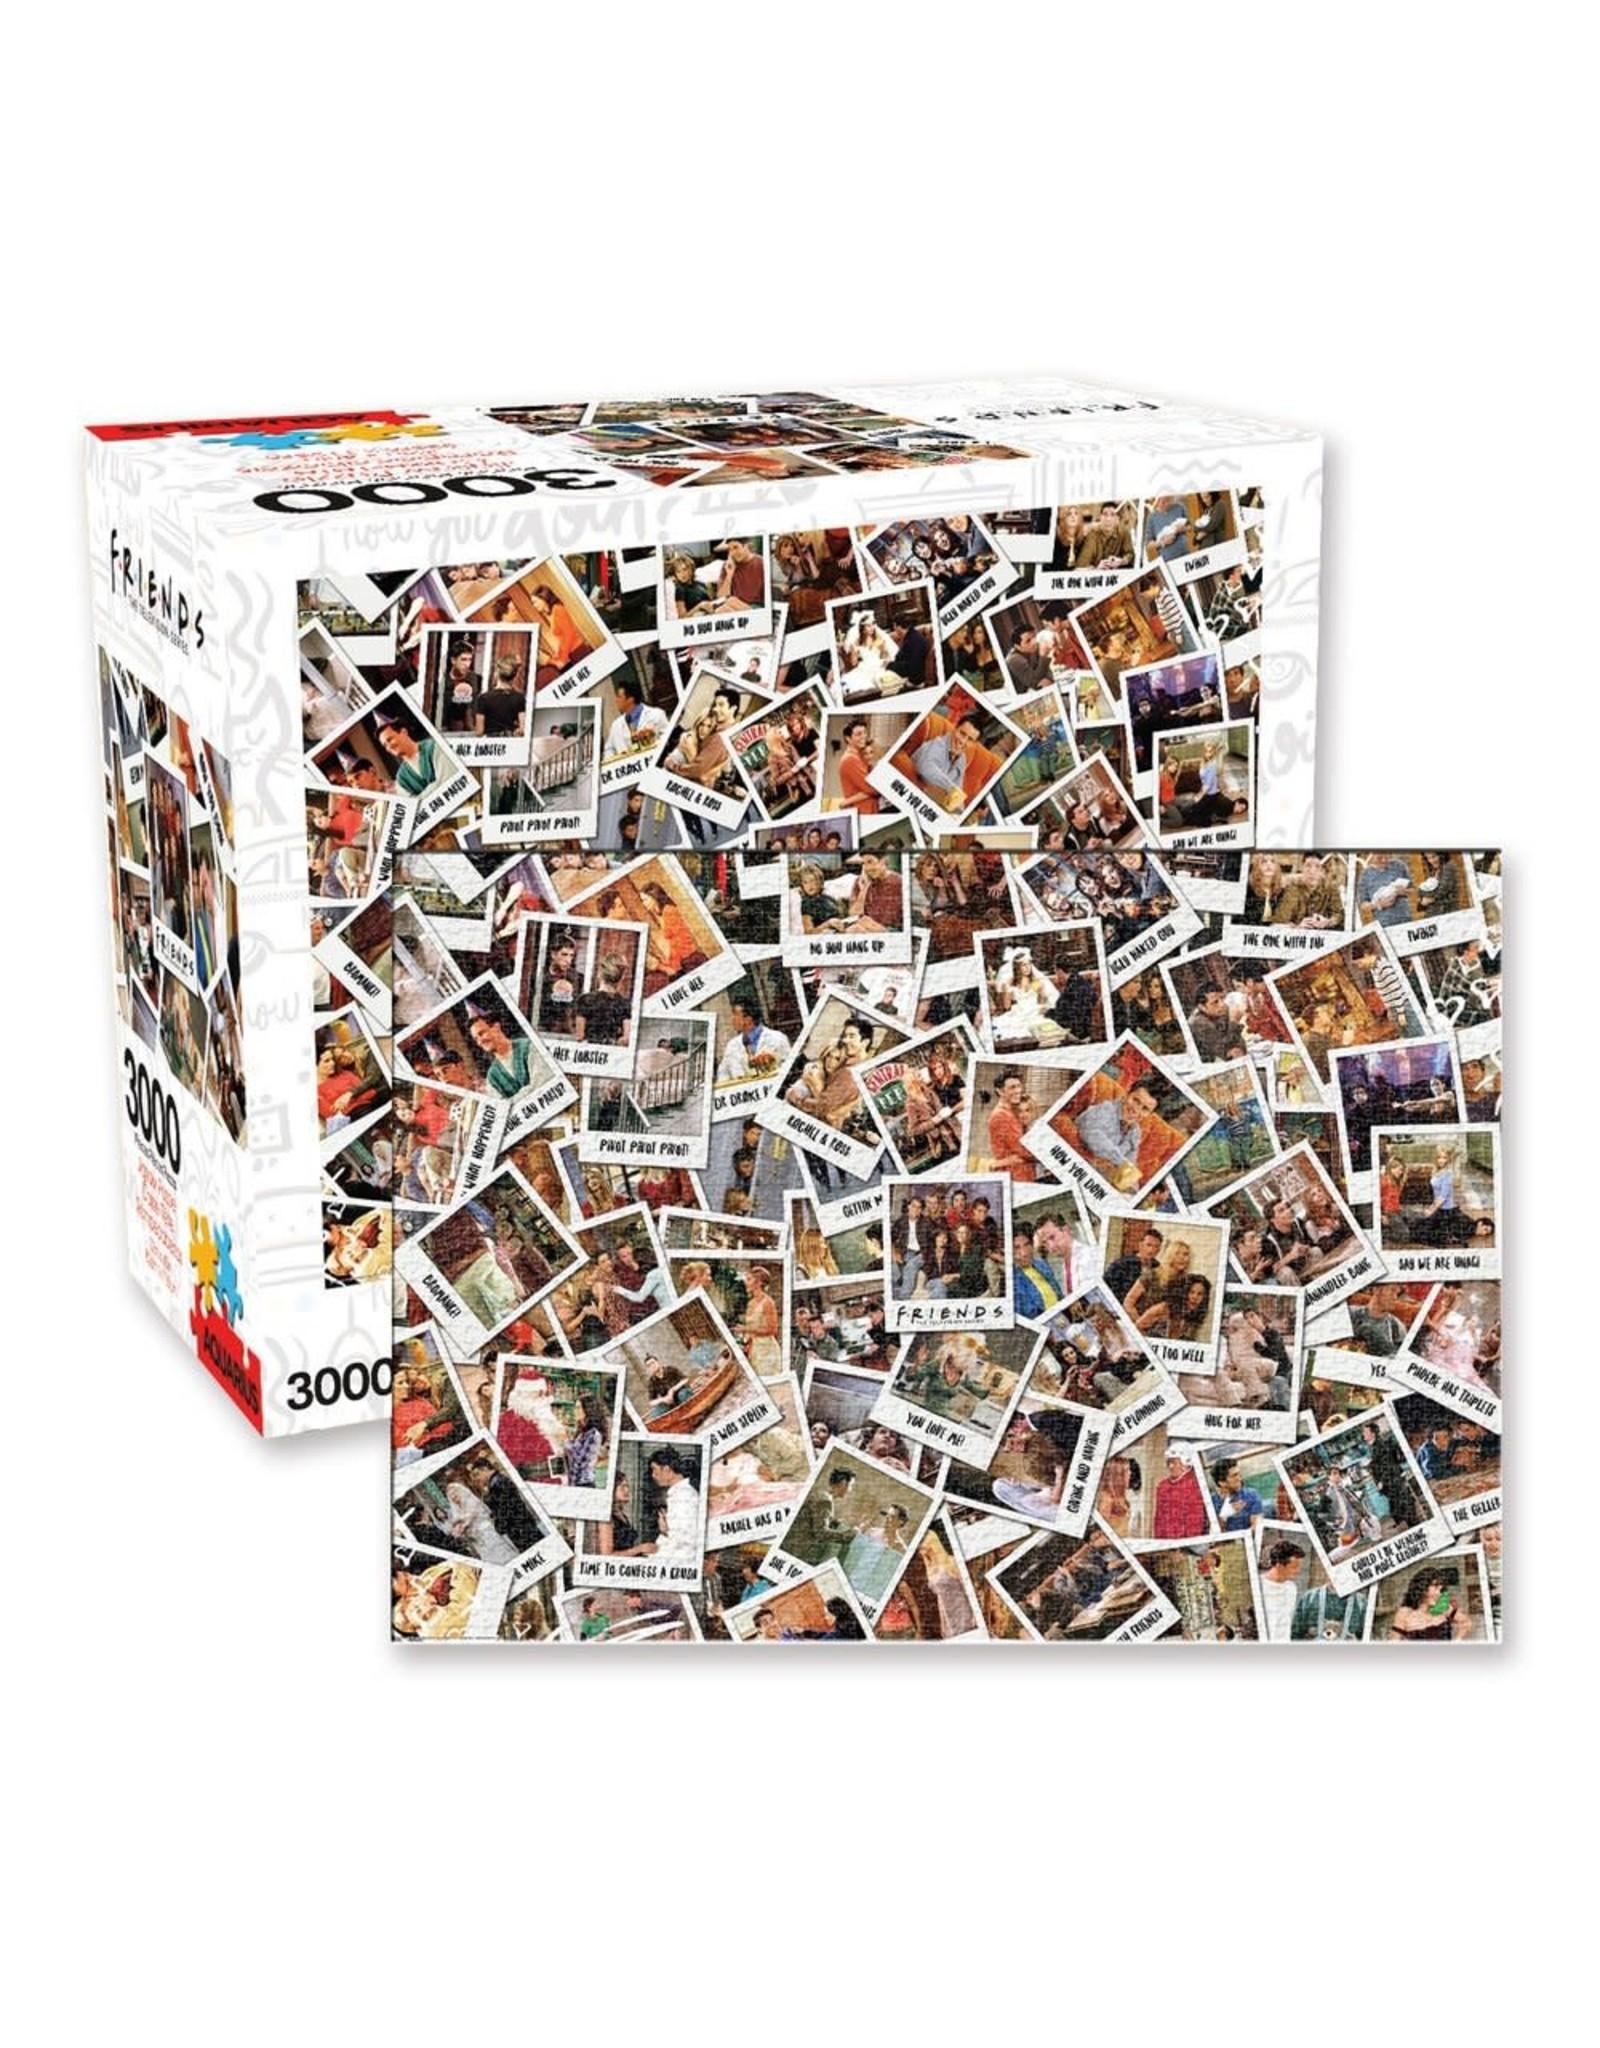 Aquarius Ent FRIENDS Puzzle 3000P - Collage